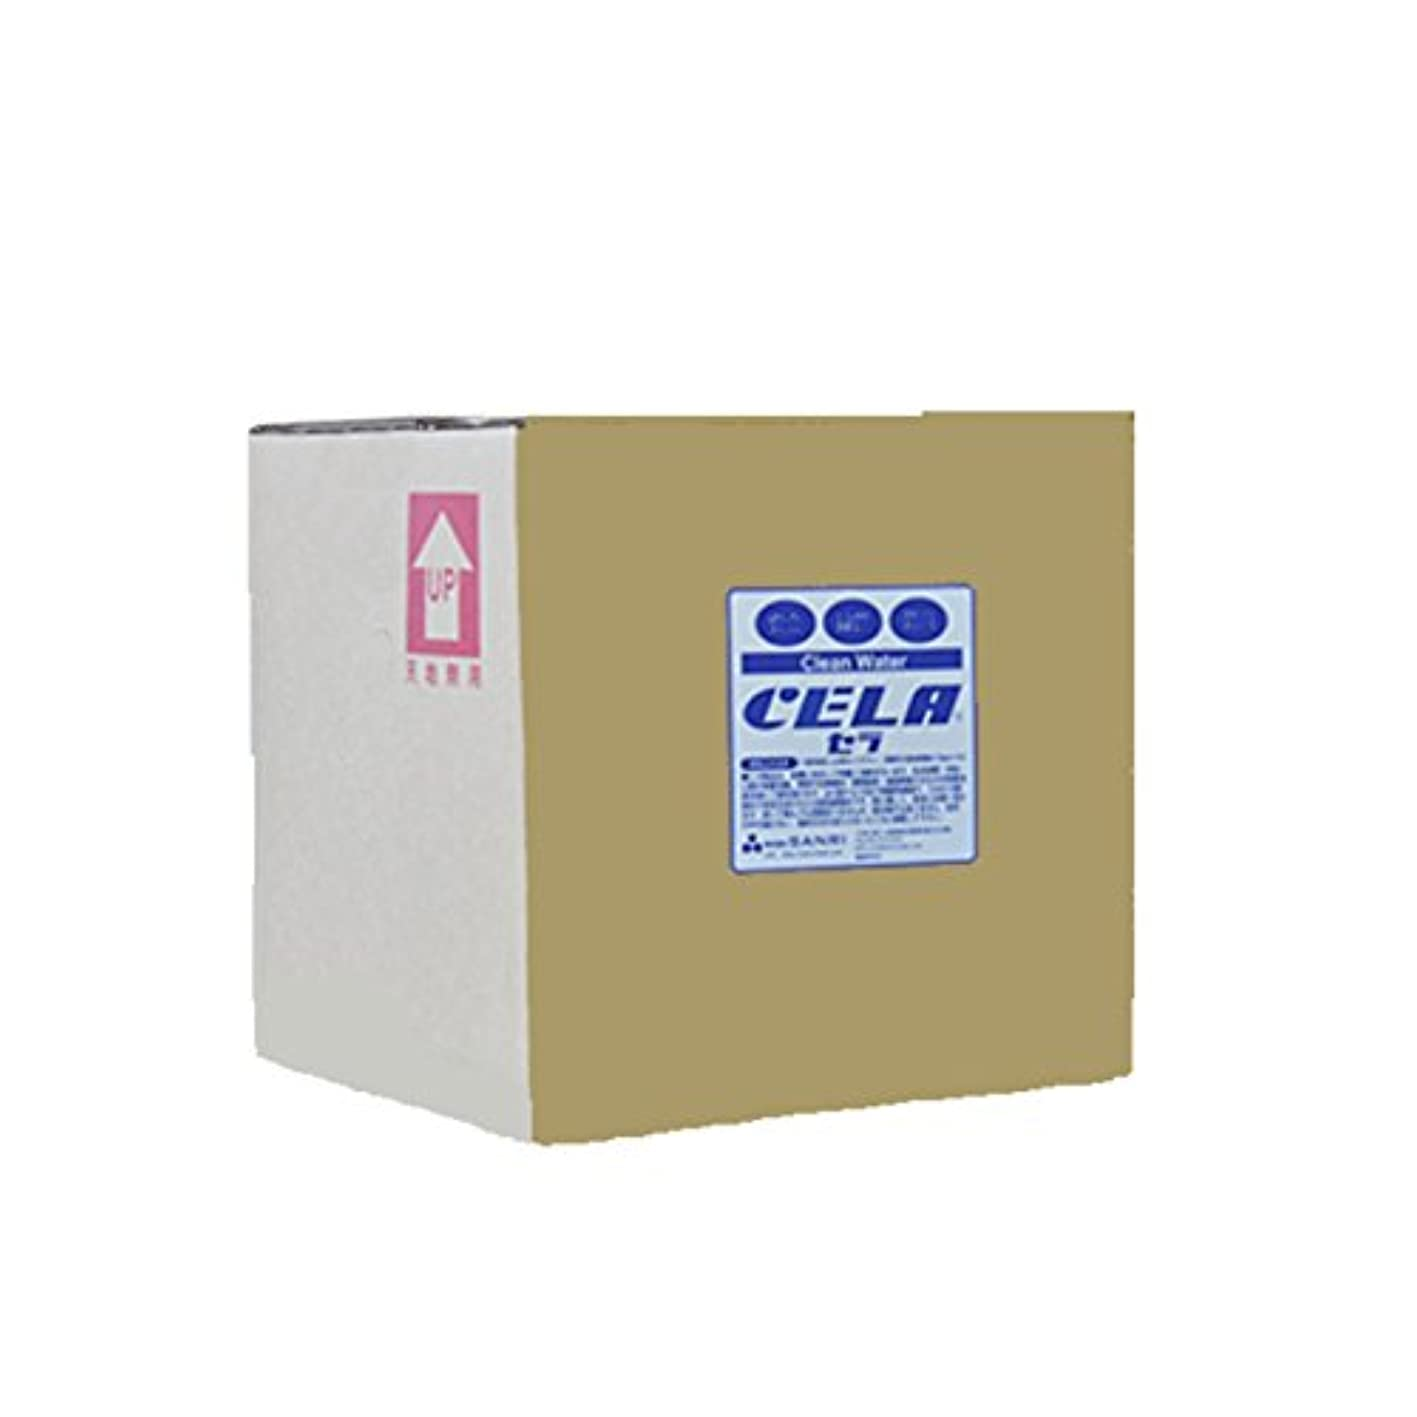 ステンレス検体施し次亜塩素酸水 CELA セラ水 詰め替え用5L(コックなし)薄めずそのまま使える ペット 犬 トイレ 部屋 靴 無香料 塩素濃度50ppm